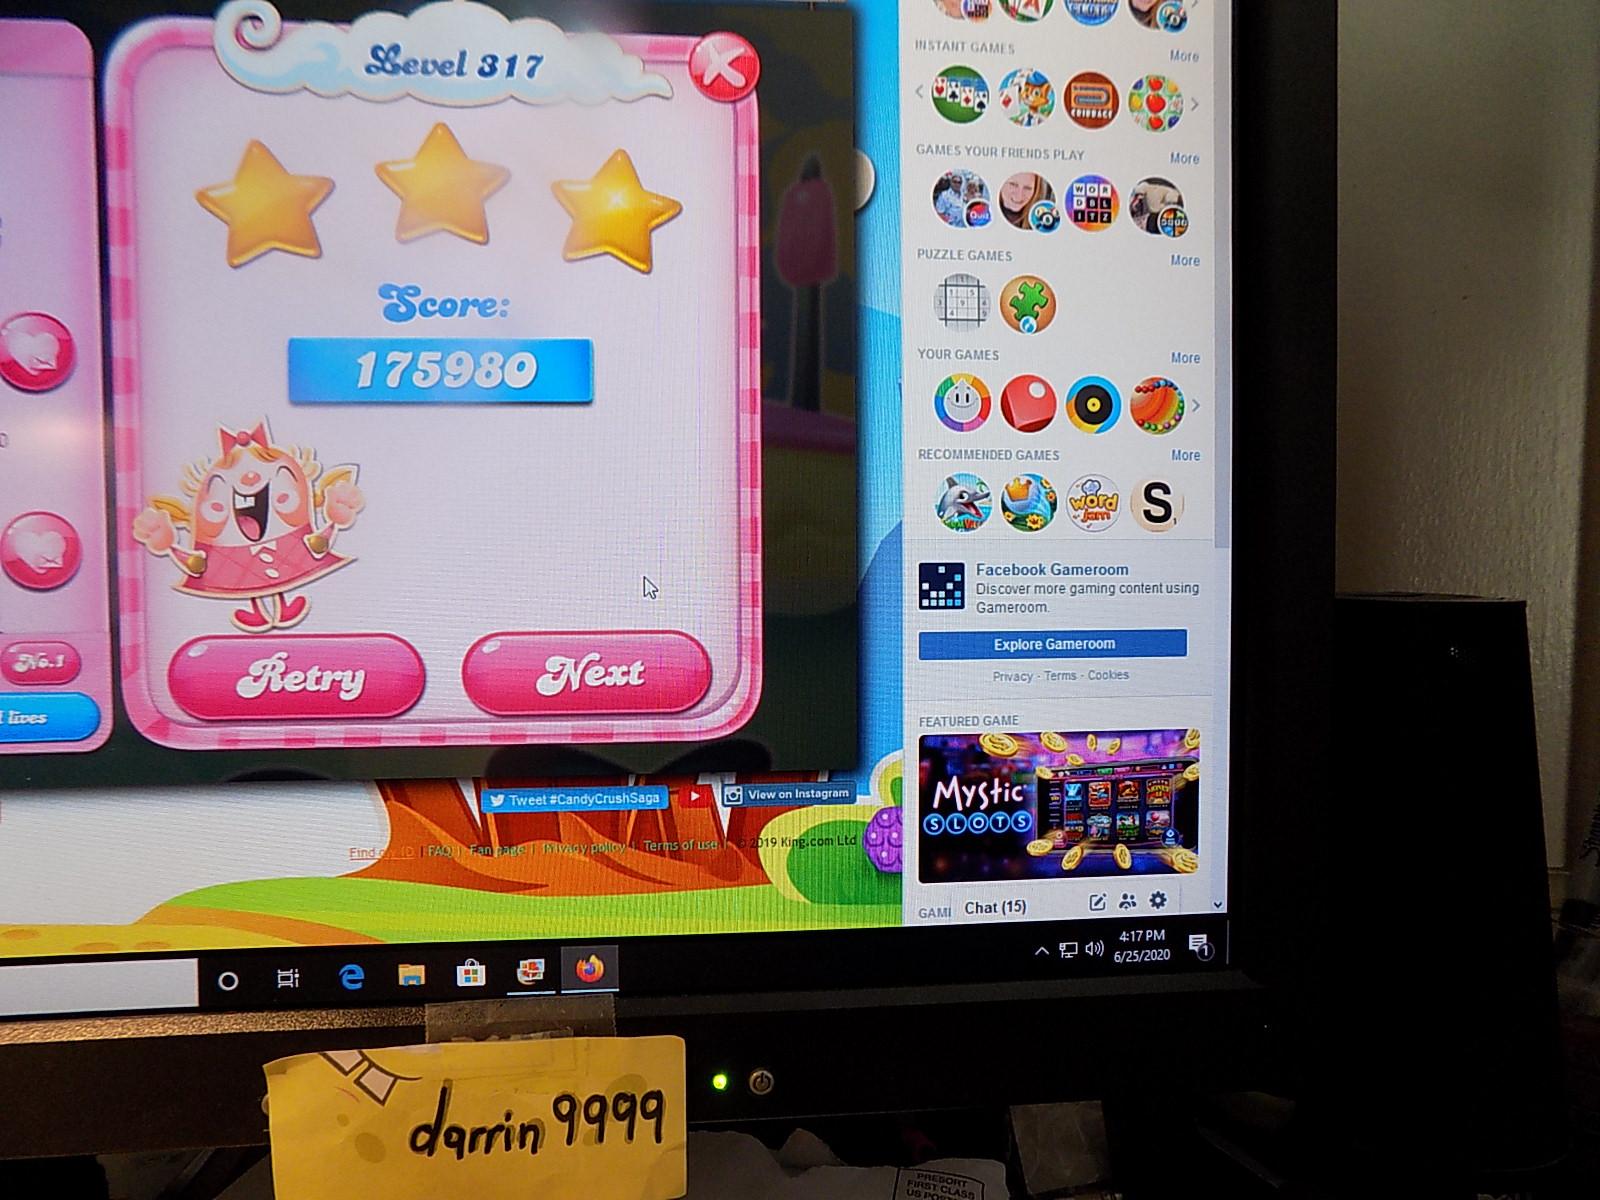 darrin9999: Candy Crush Saga: Level 317 (Web) 175,980 points on 2020-08-02 16:25:33